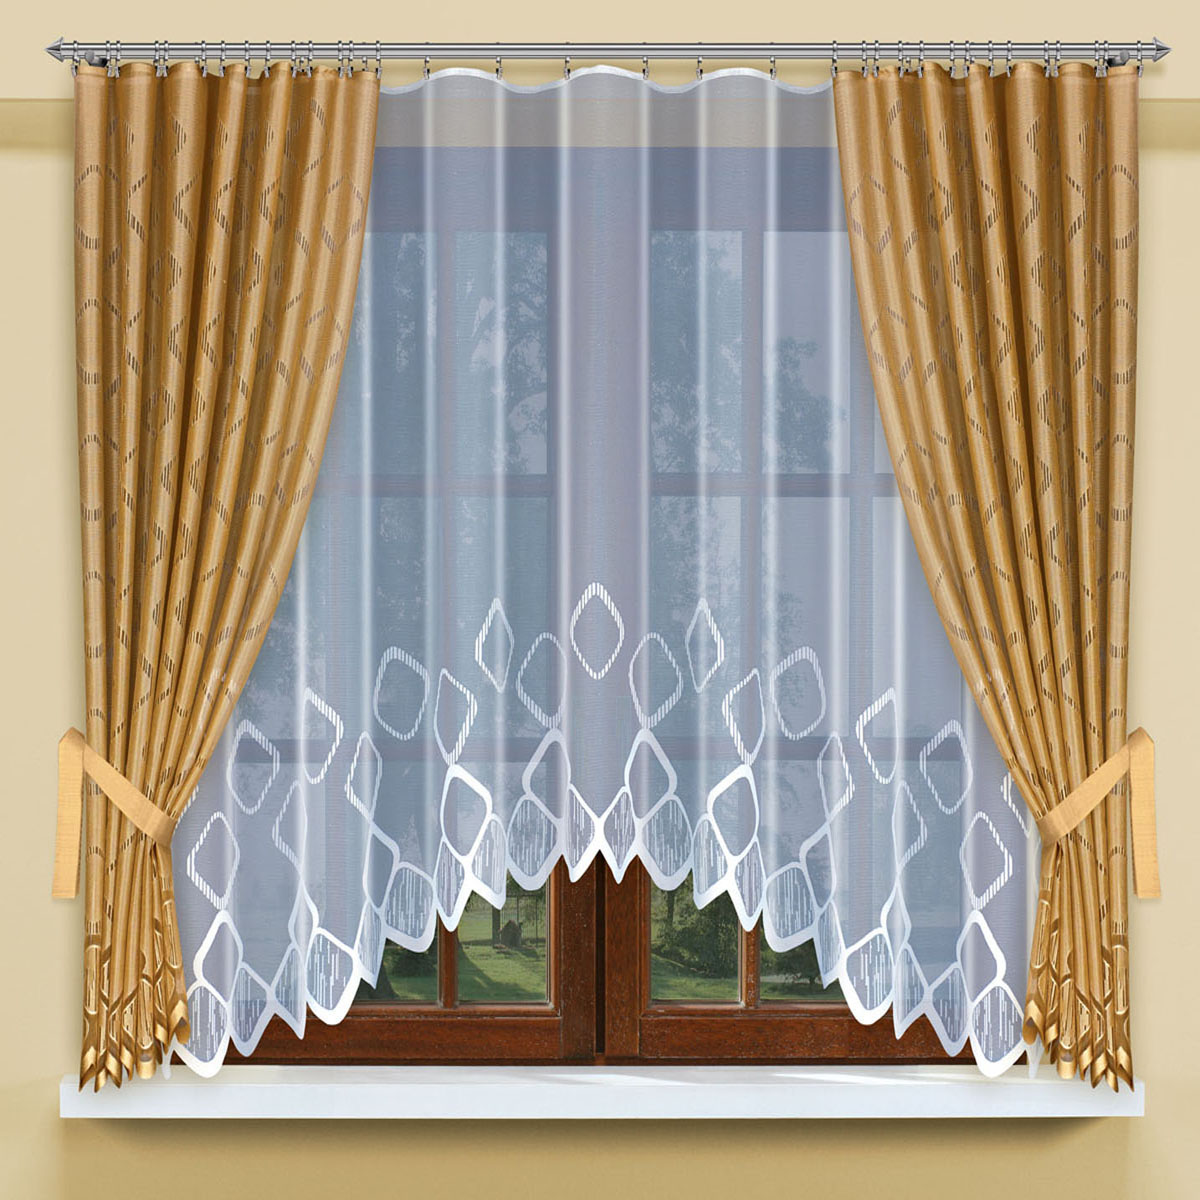 Гардина Haft, цвет: золотистый, высота 170 смCLP446комплект штор для кухни, состоящий из белого жаккардового тюля , портьер золотистого цвета и подхватовРазмеры: тюль -высота 160см х ширина 300см,шторы(высота 170смх ширина 145см)*2